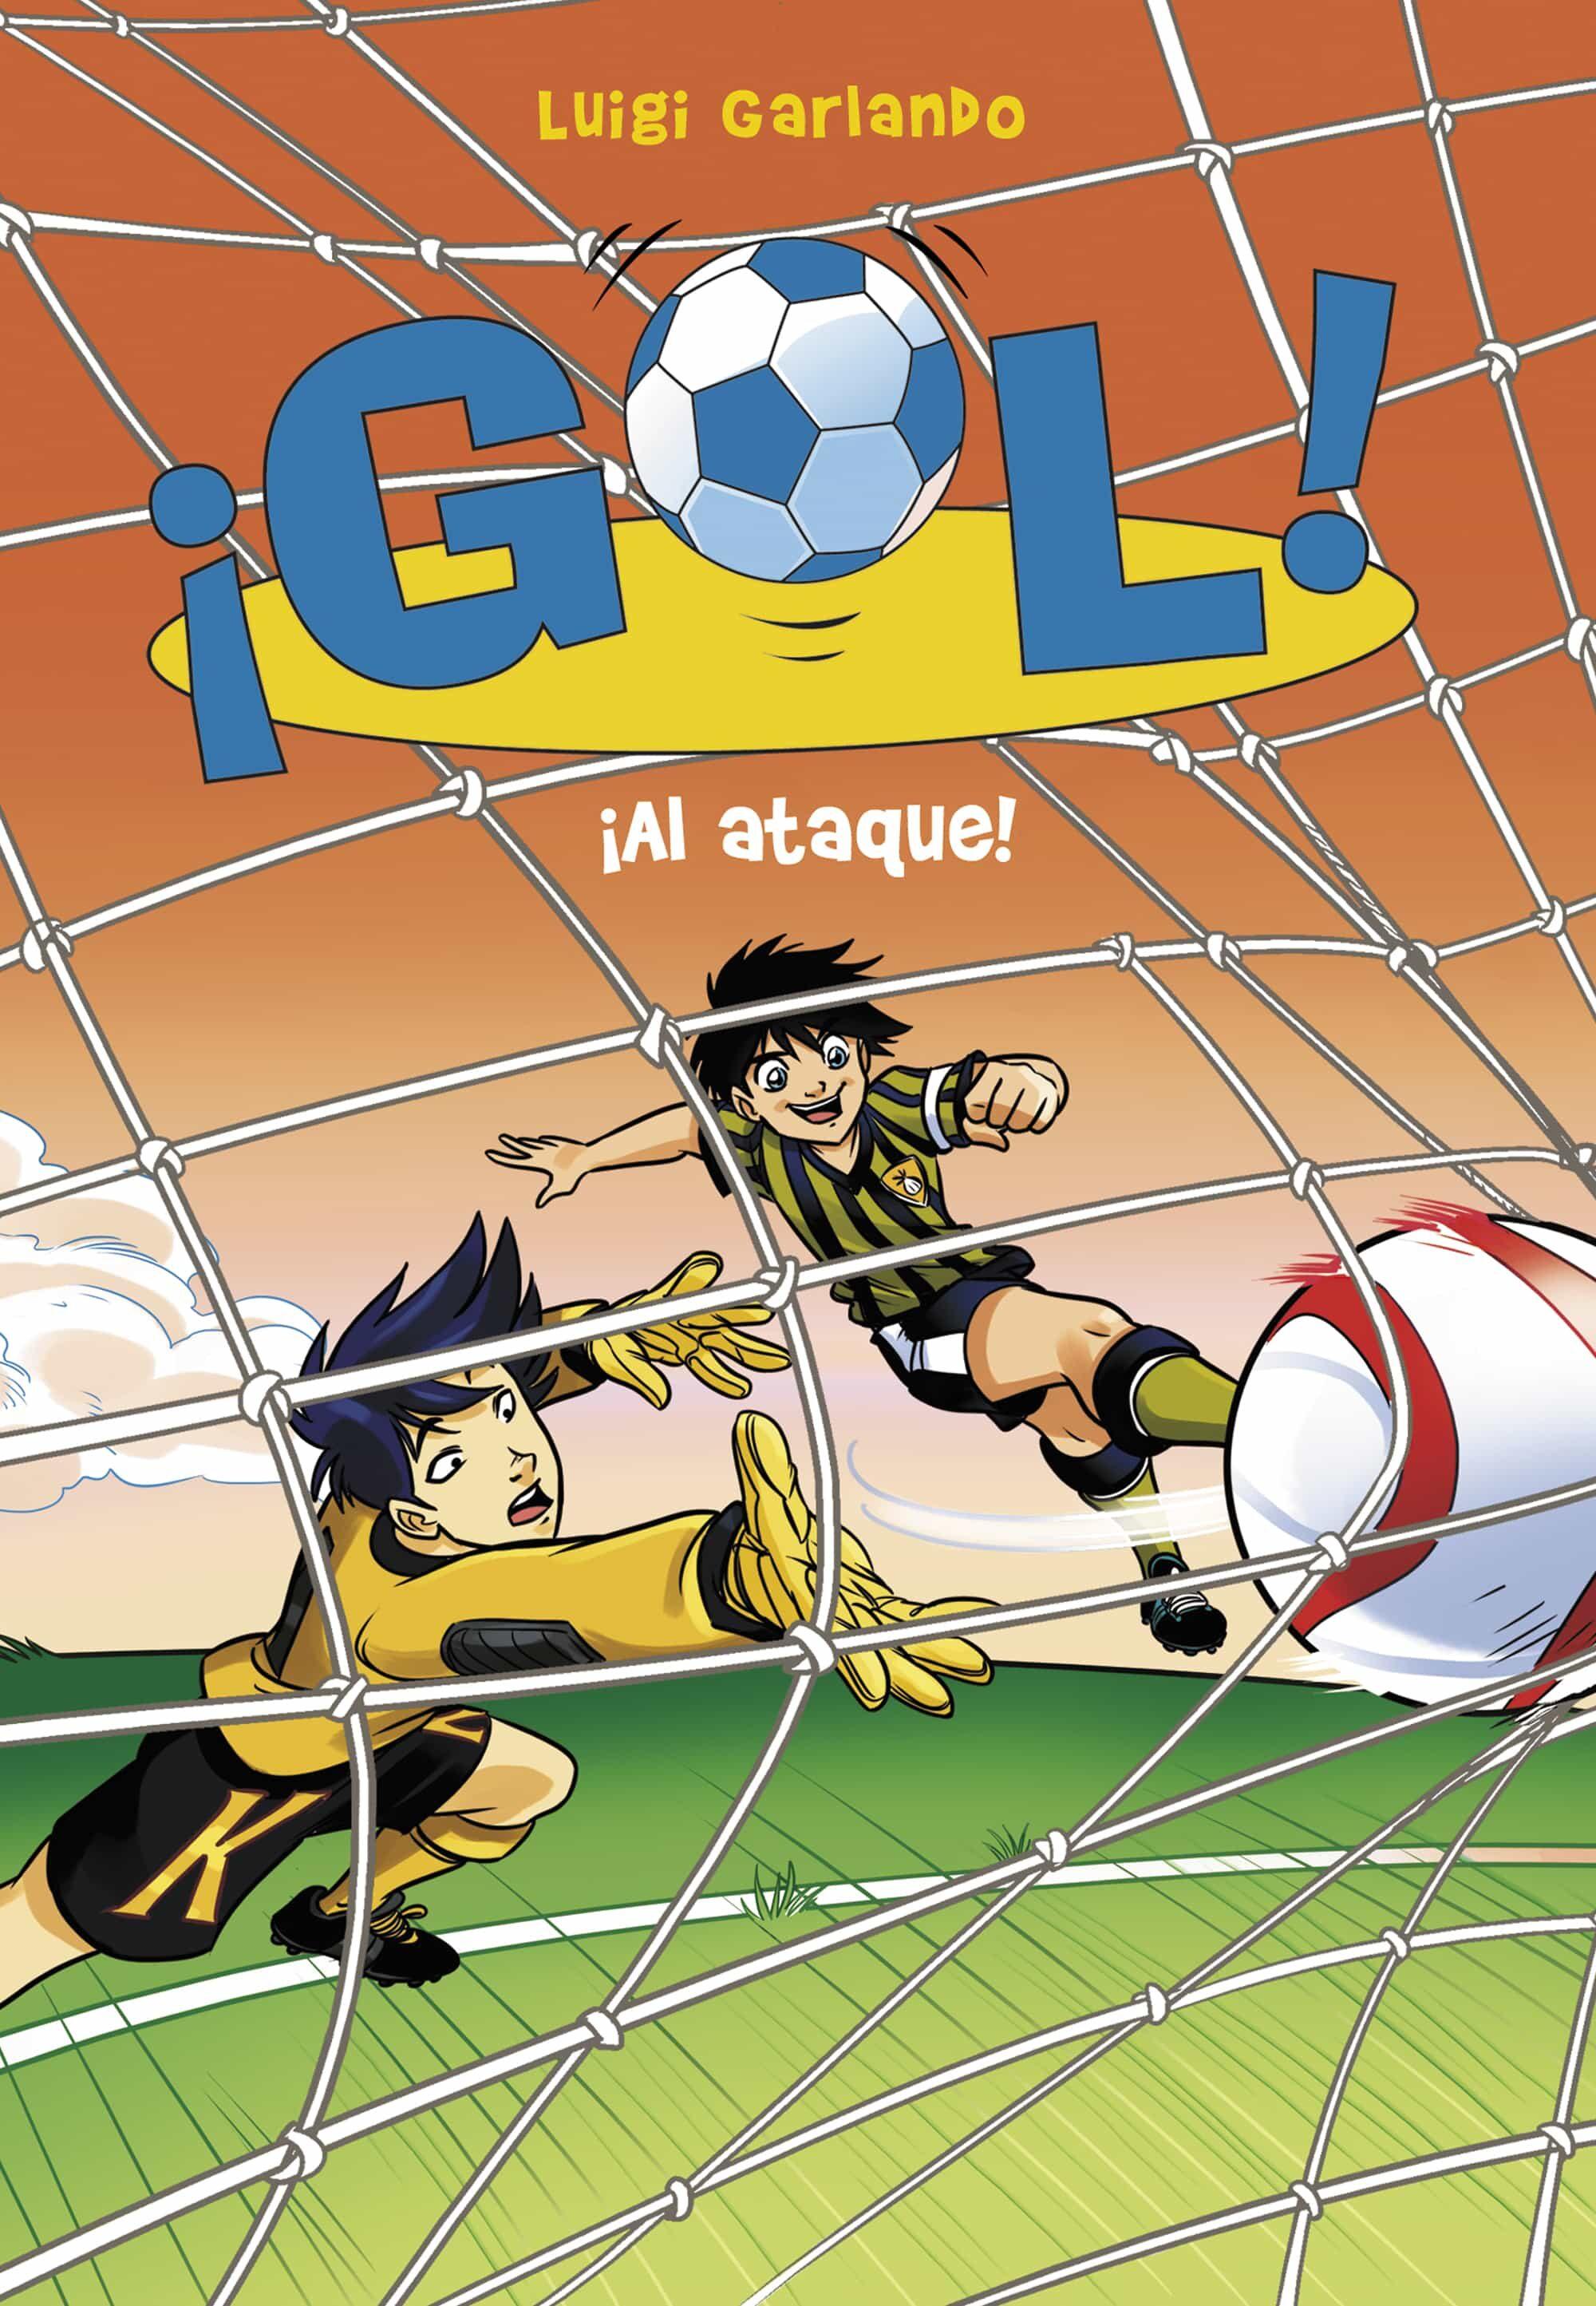 ¡gol! 39 :¡al Ataque! por Luigi Garlando